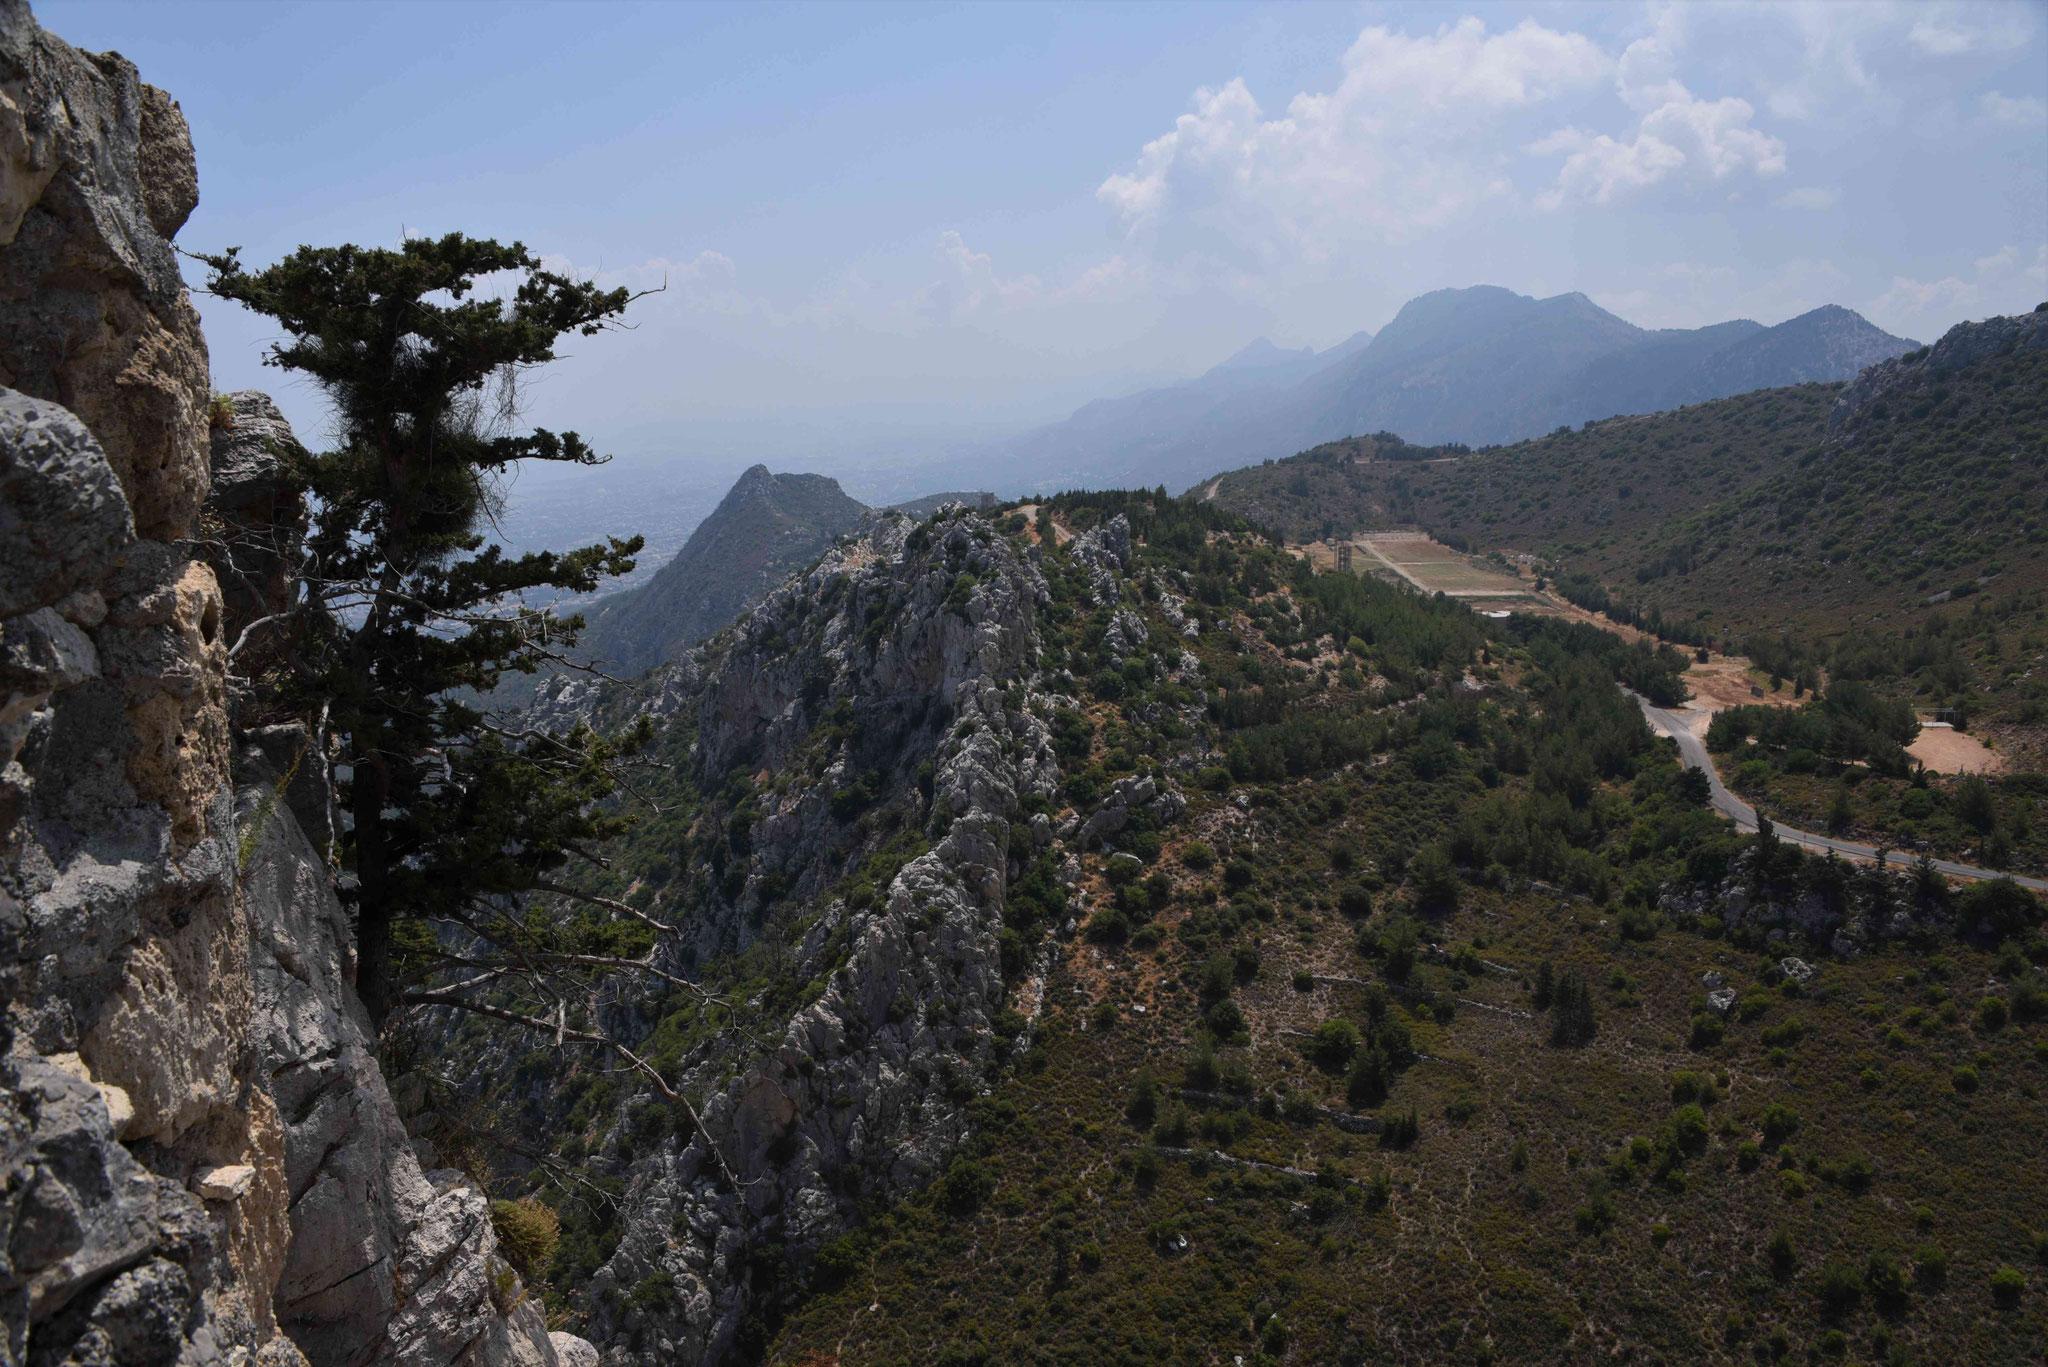 Blick auf die Berge im Osten - teilweise militärischer Sperrbereich